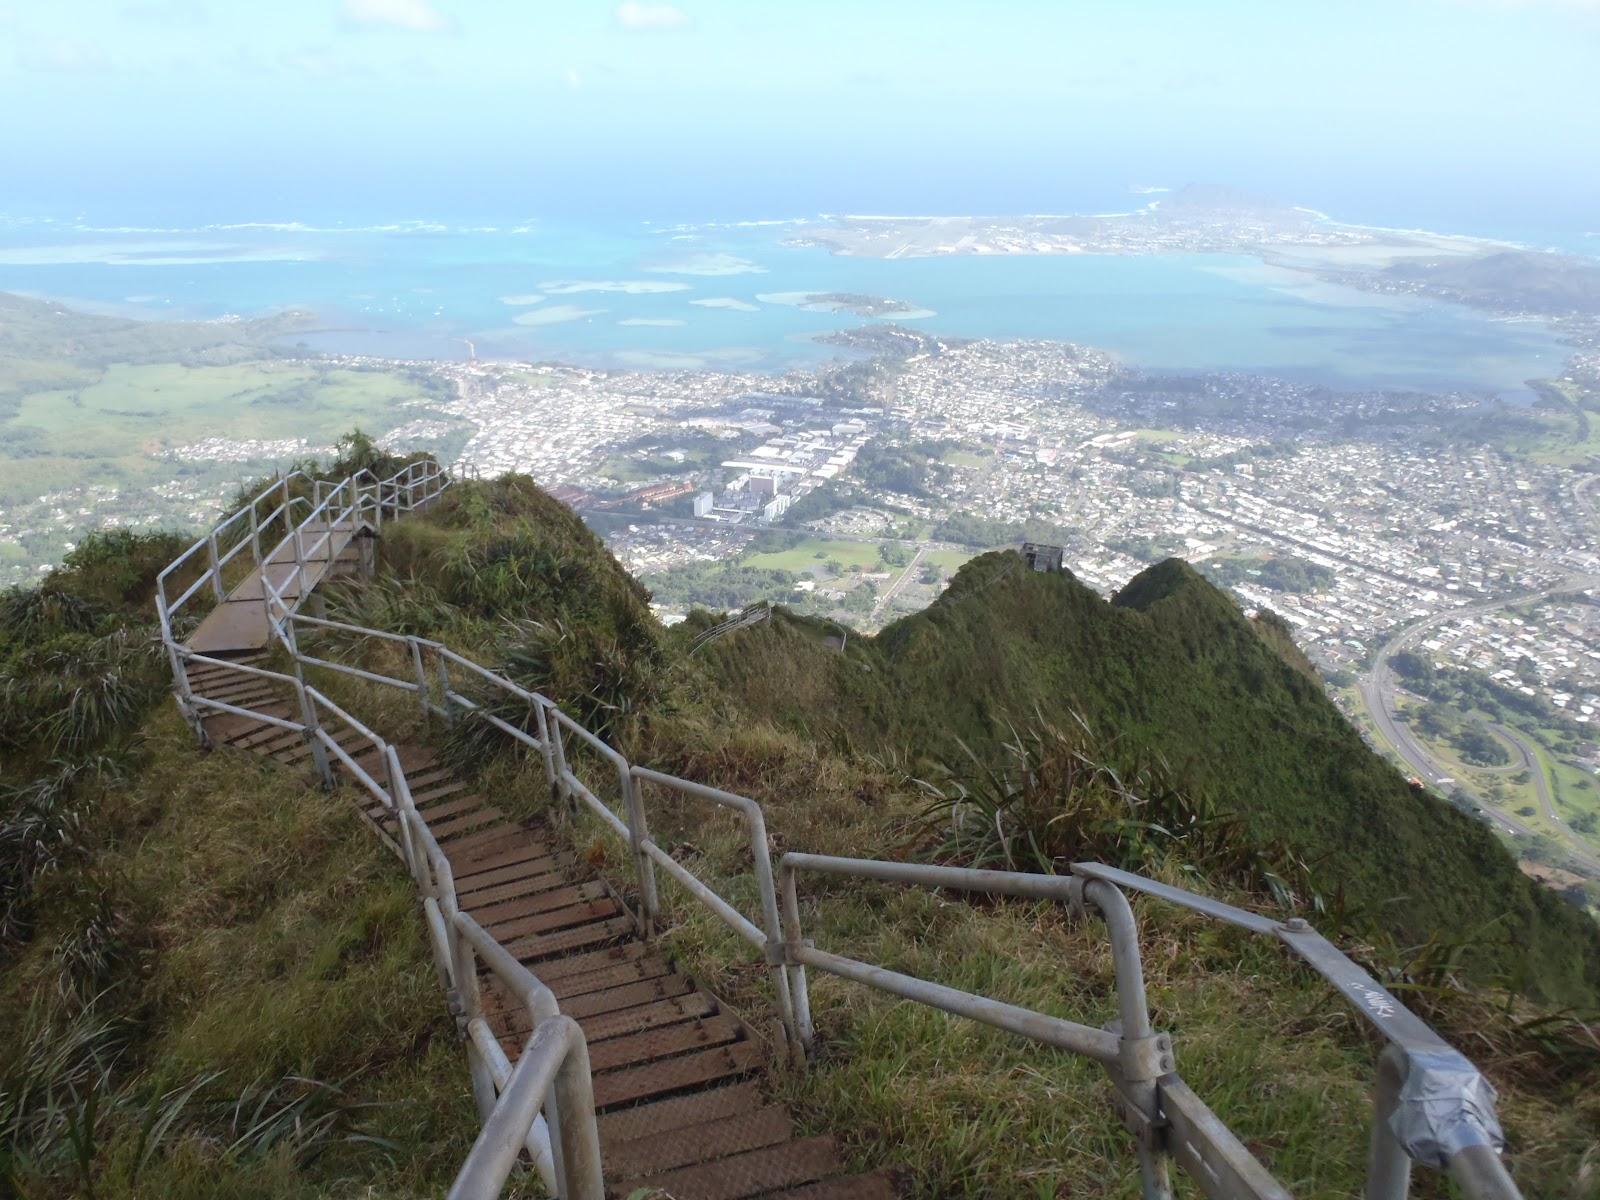 هايكو السلالم الصاعدة إلى السماء stairway-to-heaven2.